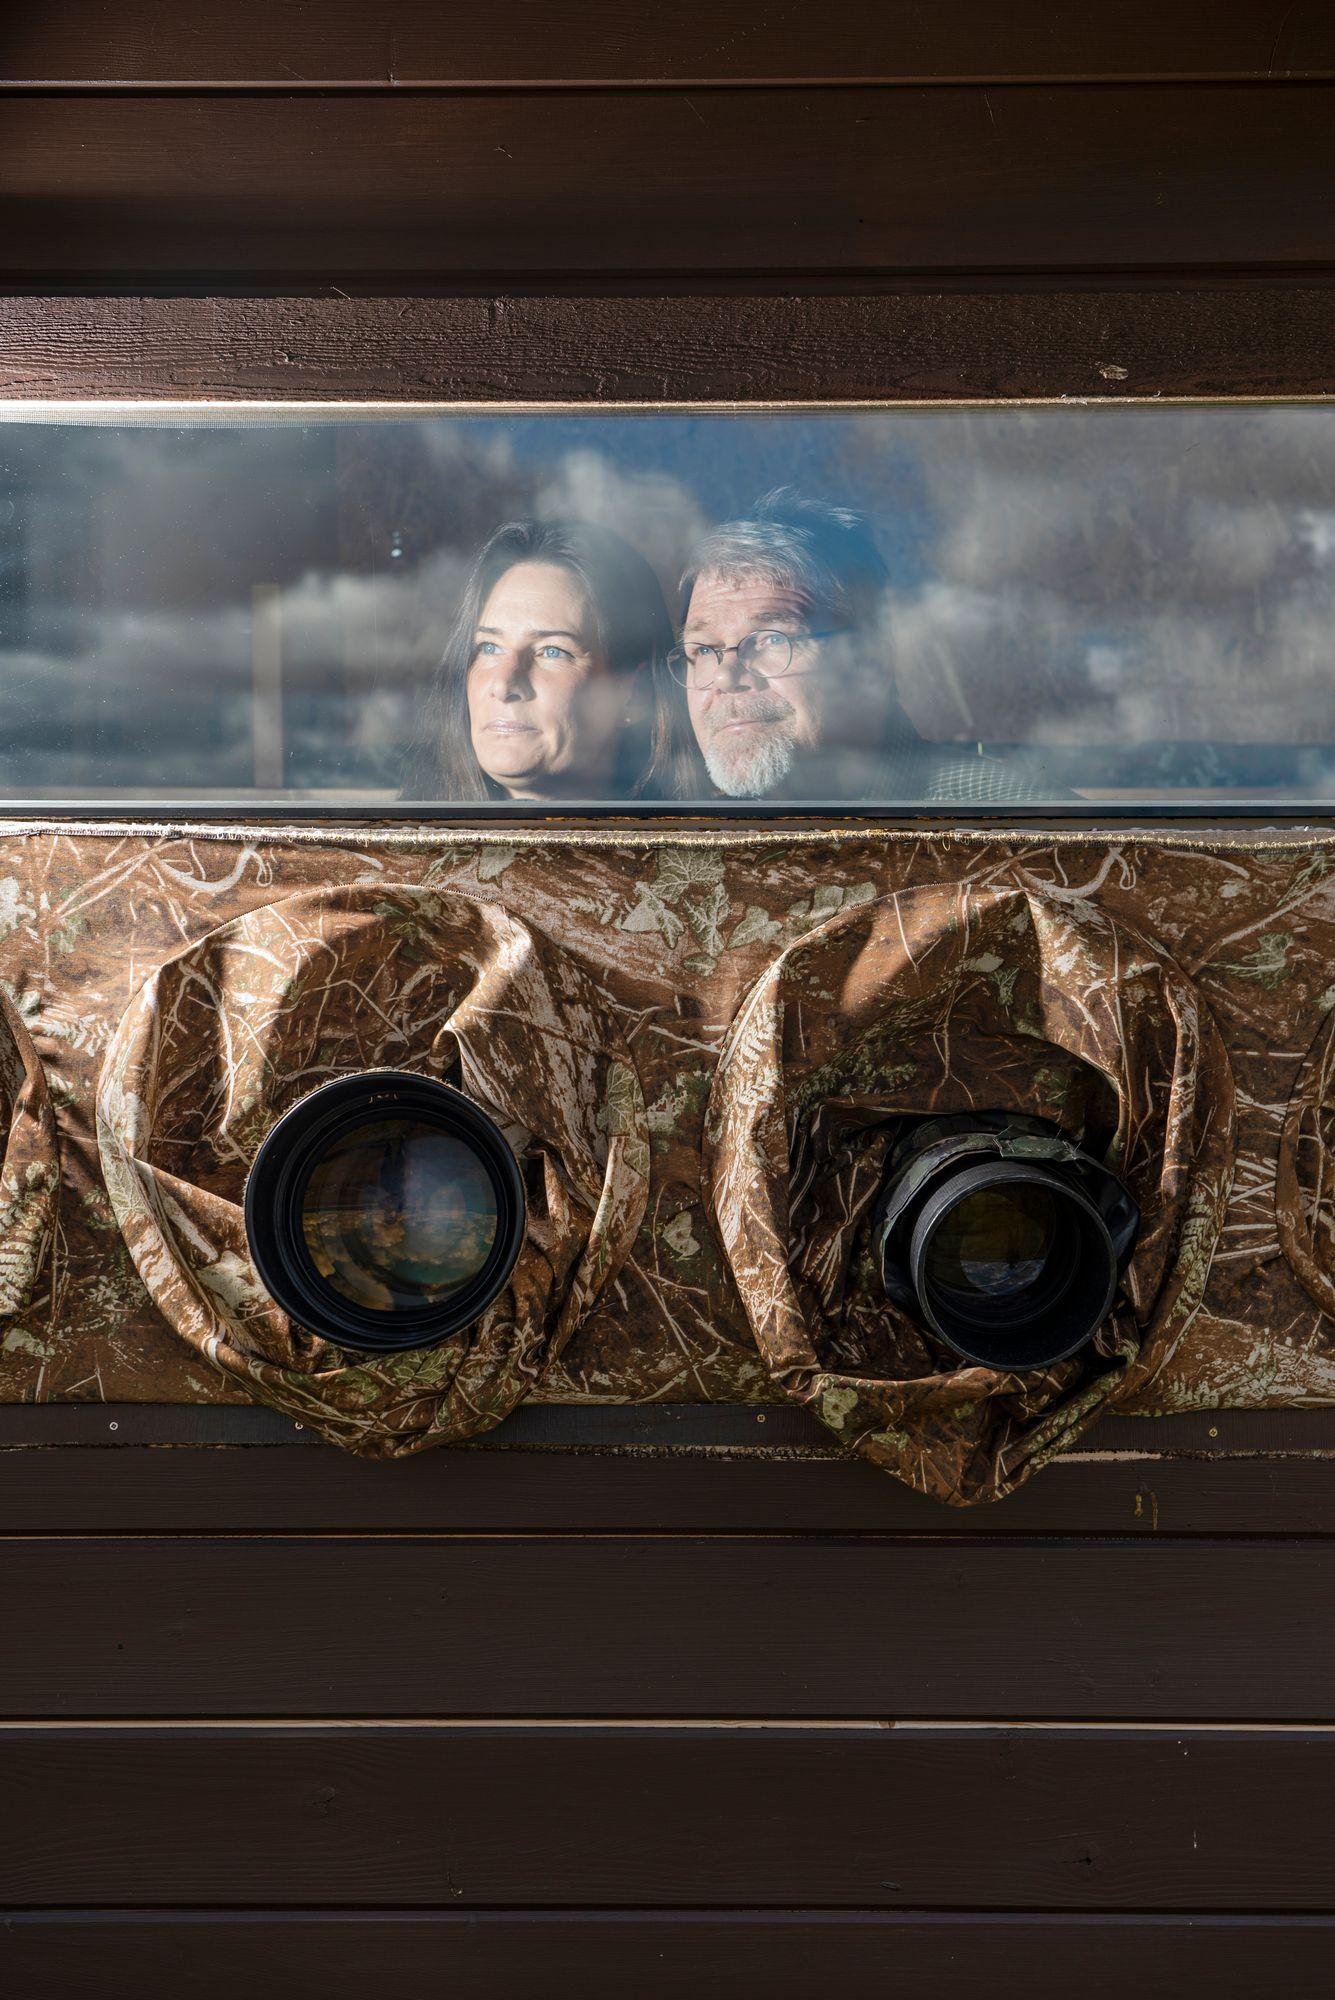 Luontokuvaus yhdisti, mutta ristiriidoilta ei vältytty, kun työtovereista tuli pari. Vaikeuksien jälkeen Anne ja Lassi luottavat tulevaisuuteen. © Vesa Tyni